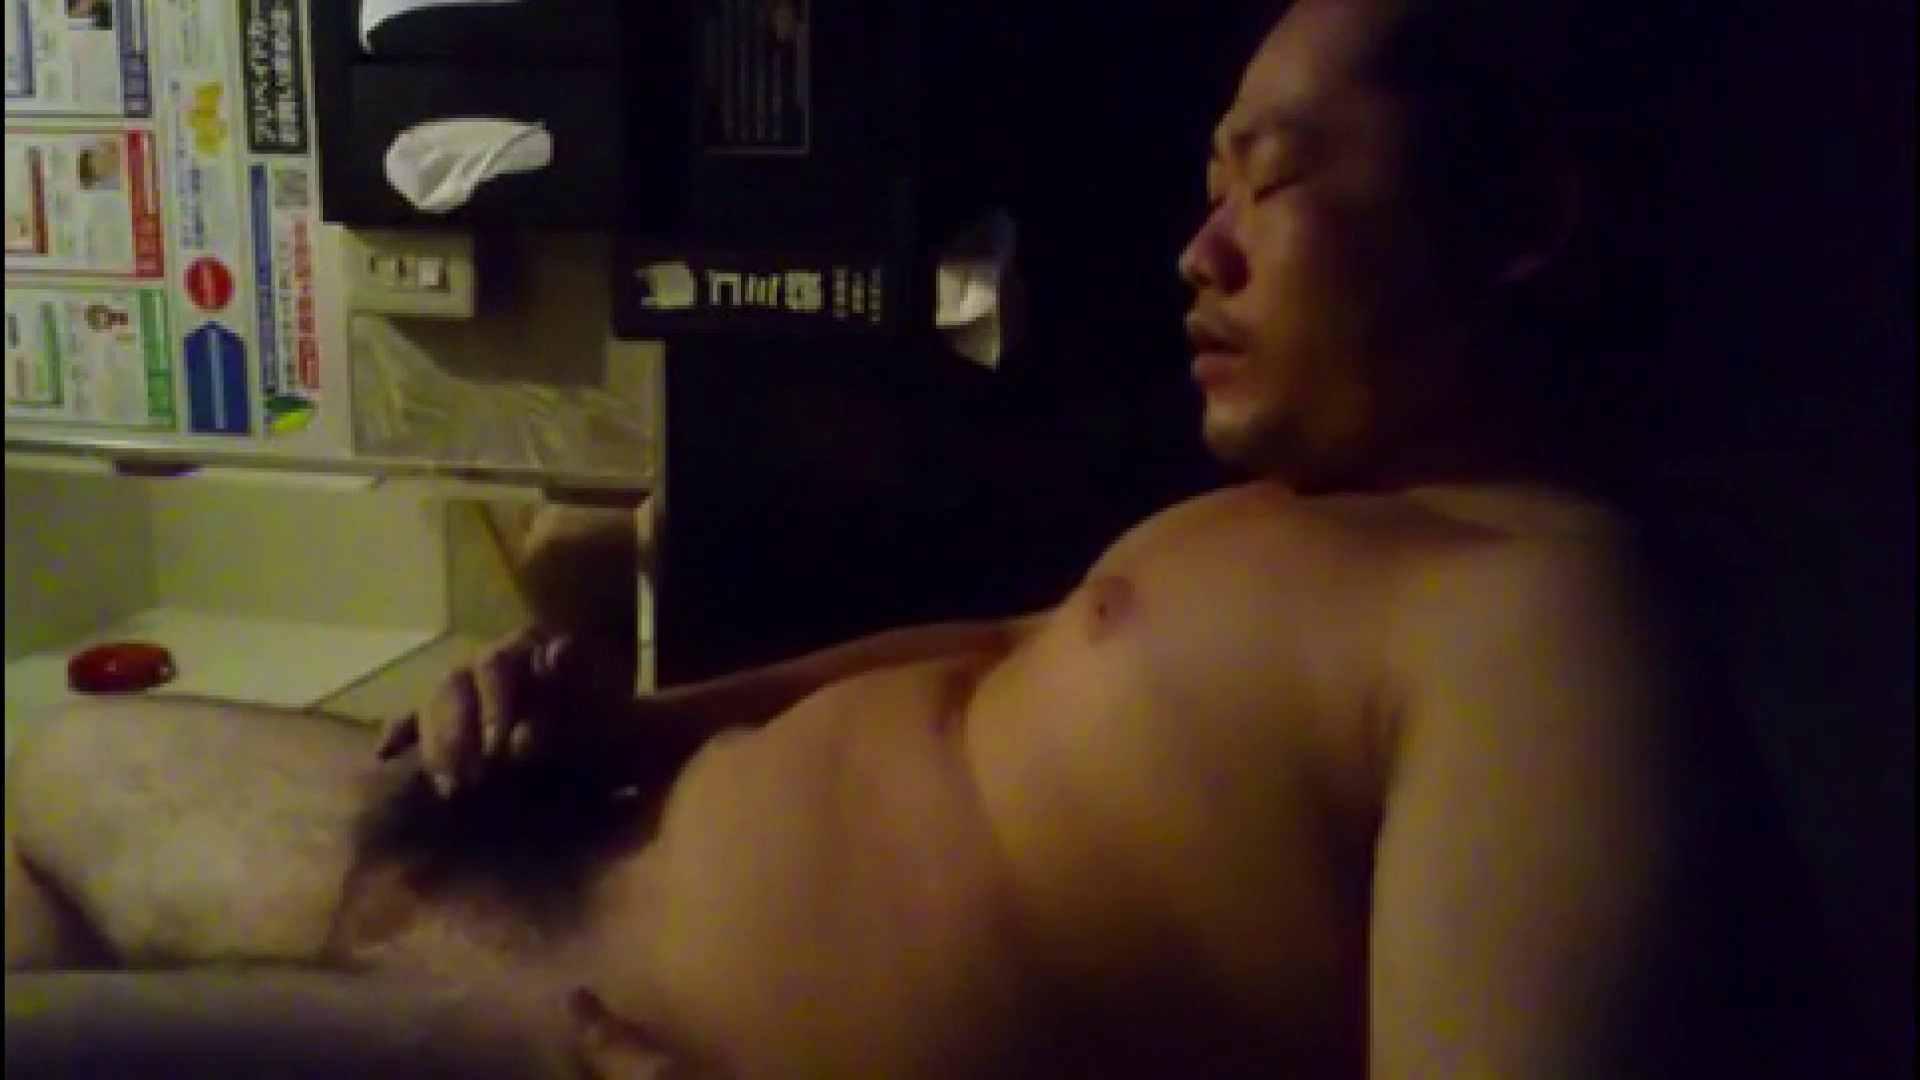 個人撮影 自慰の極意 Vol.24 無修正 ゲイセックス画像 59pic 17